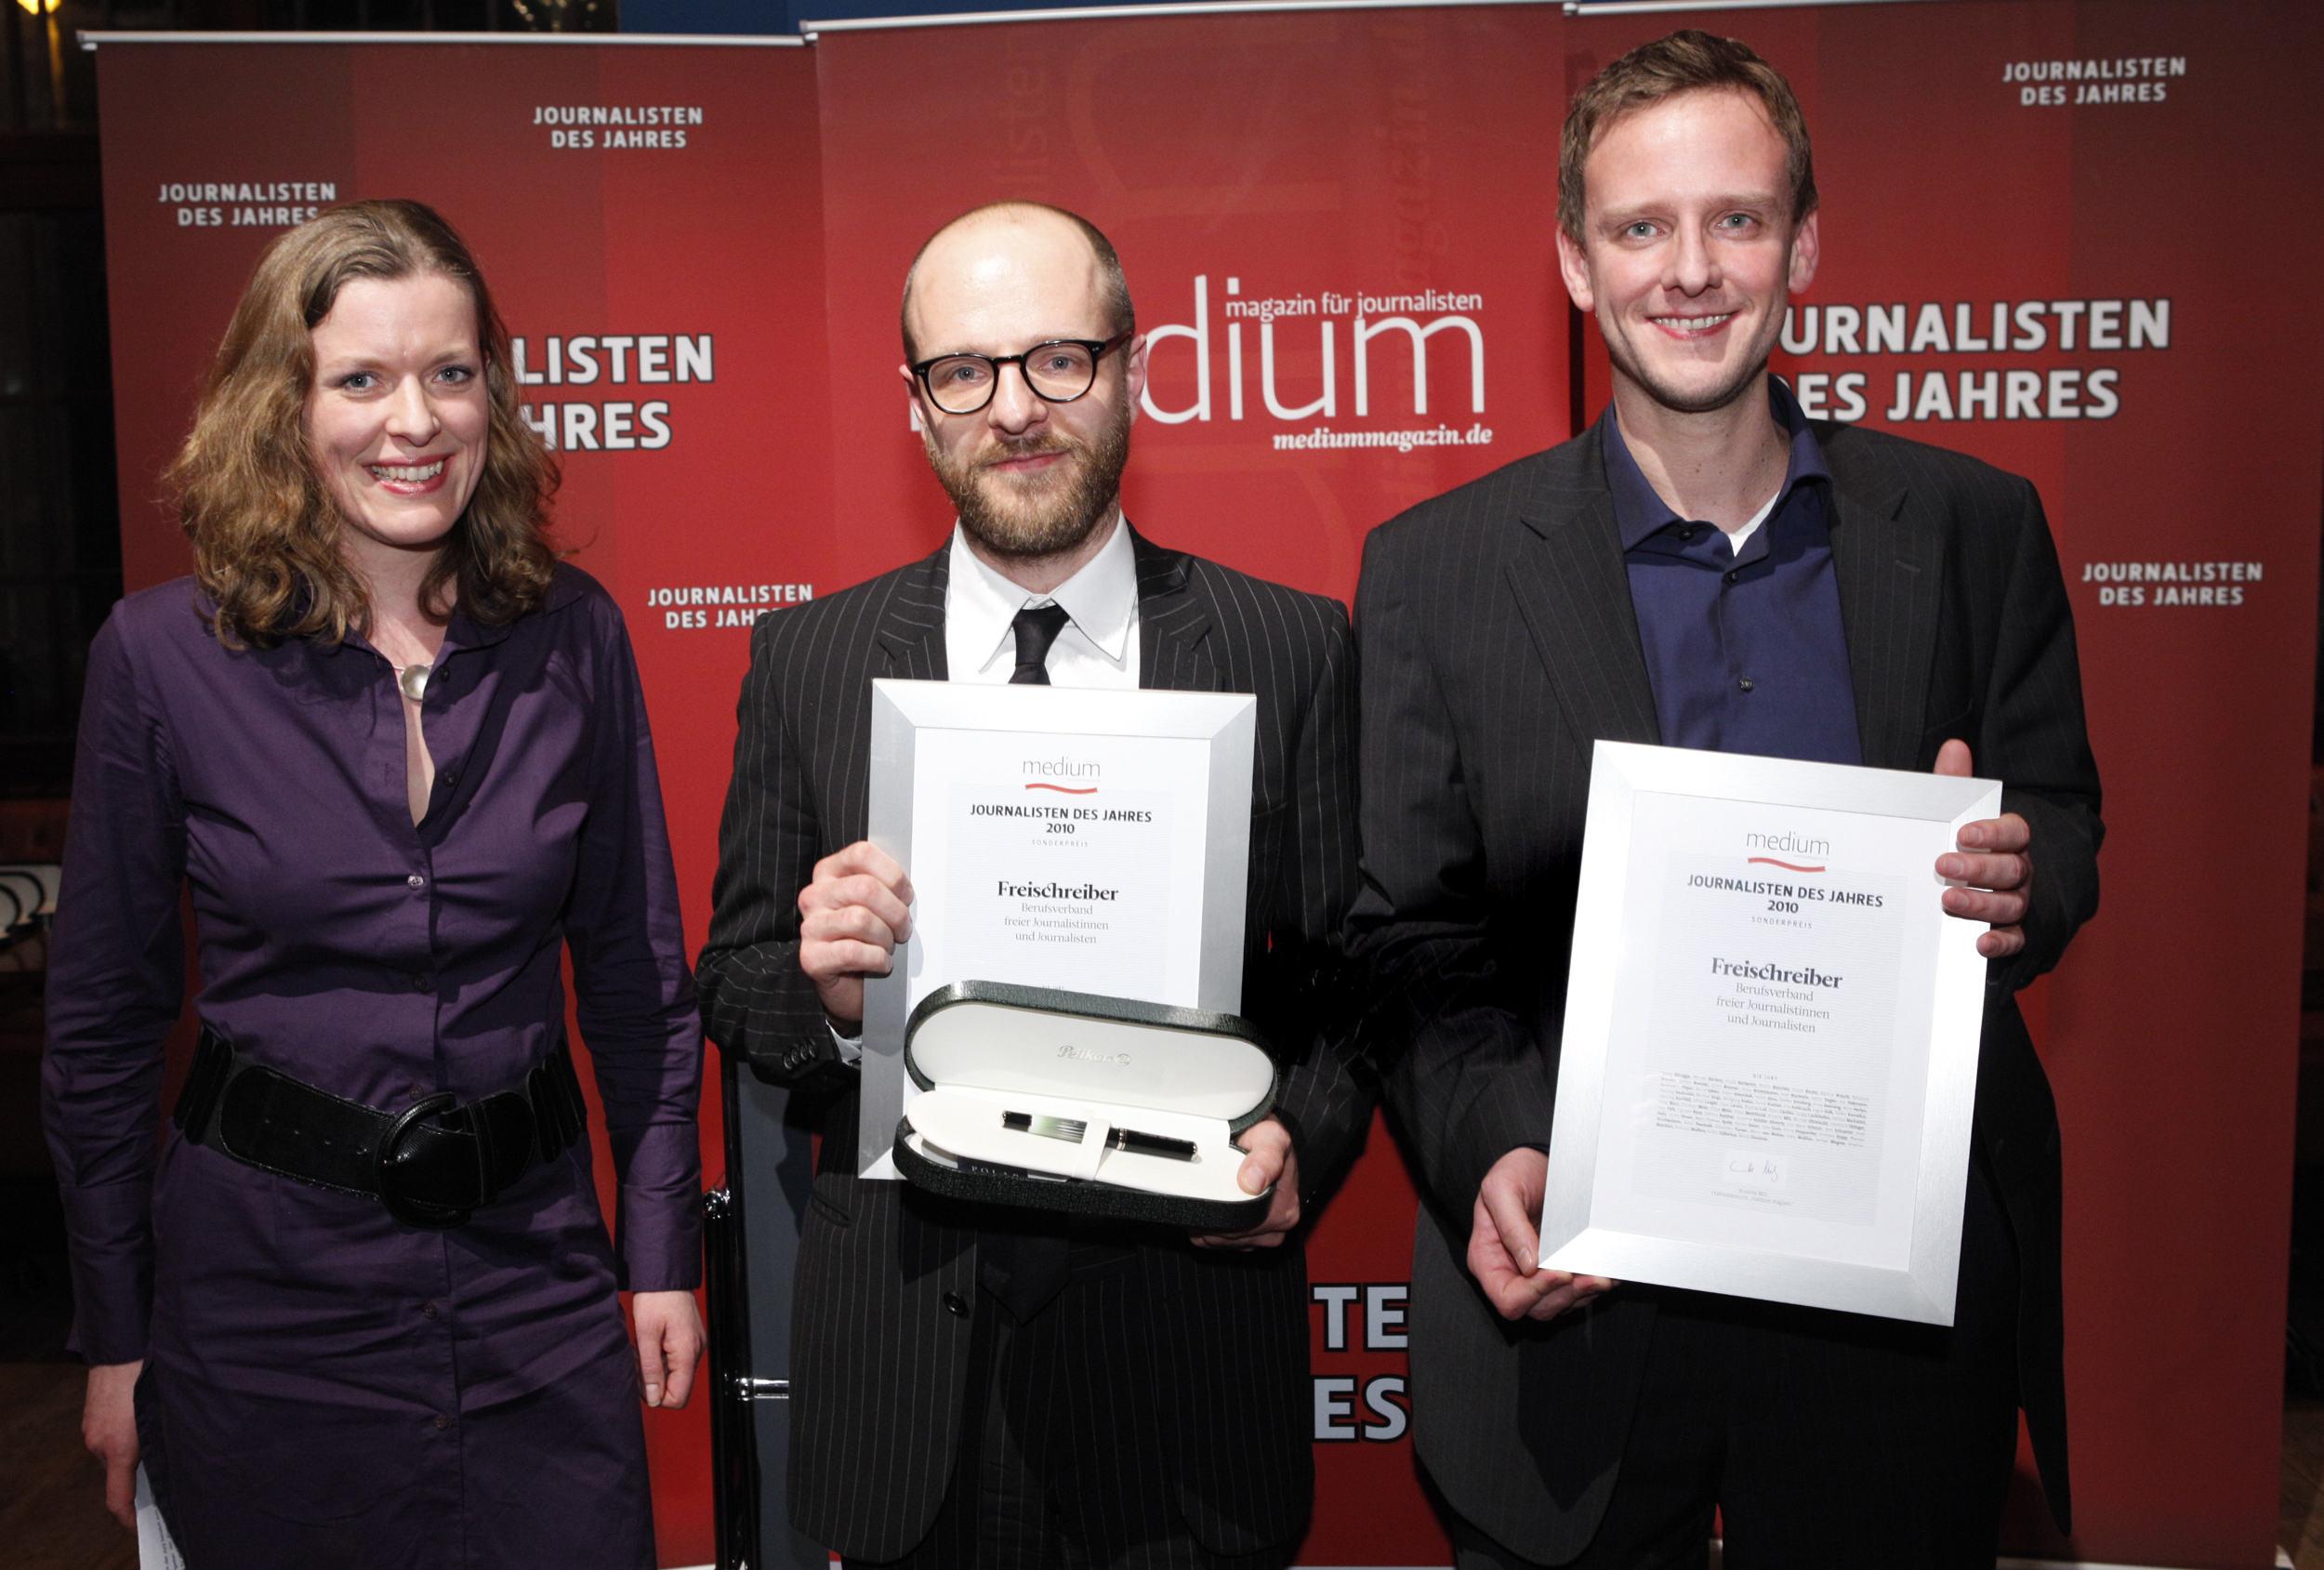 """DEU, Berlin, 7.02.2011, medium magazin, Preisverleihung an die """"Journalisten des Jahres 2010"""", Cafe im Zeughaus im Deutschen Historischen Museum, Julia Stein (Redaktionsleiterin """"Zapp""""),  [ (c) Wolfgang Borrs, Wiener Str. 11, D-10999 B e r l i n, Mobile +49.171.5332491, www.borrs.de, mail@borrs.de; ]"""